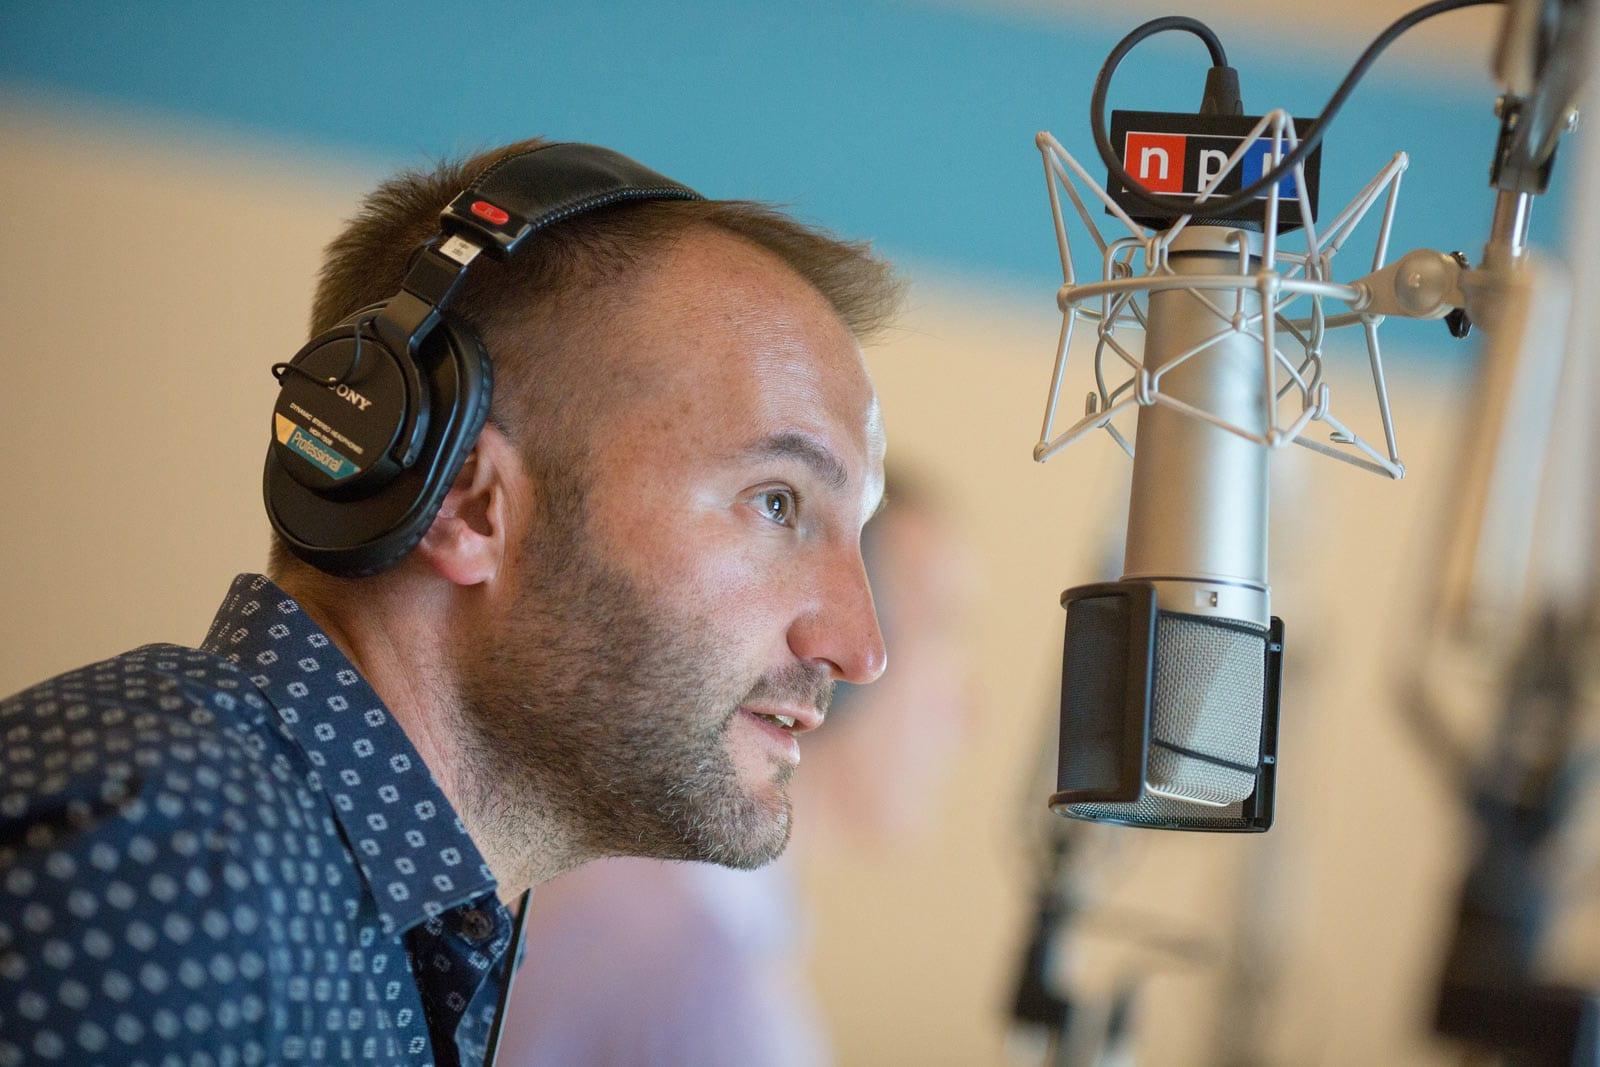 Spotify e NPR congiungono le forze per distribuire i migliori podcast su scala globale